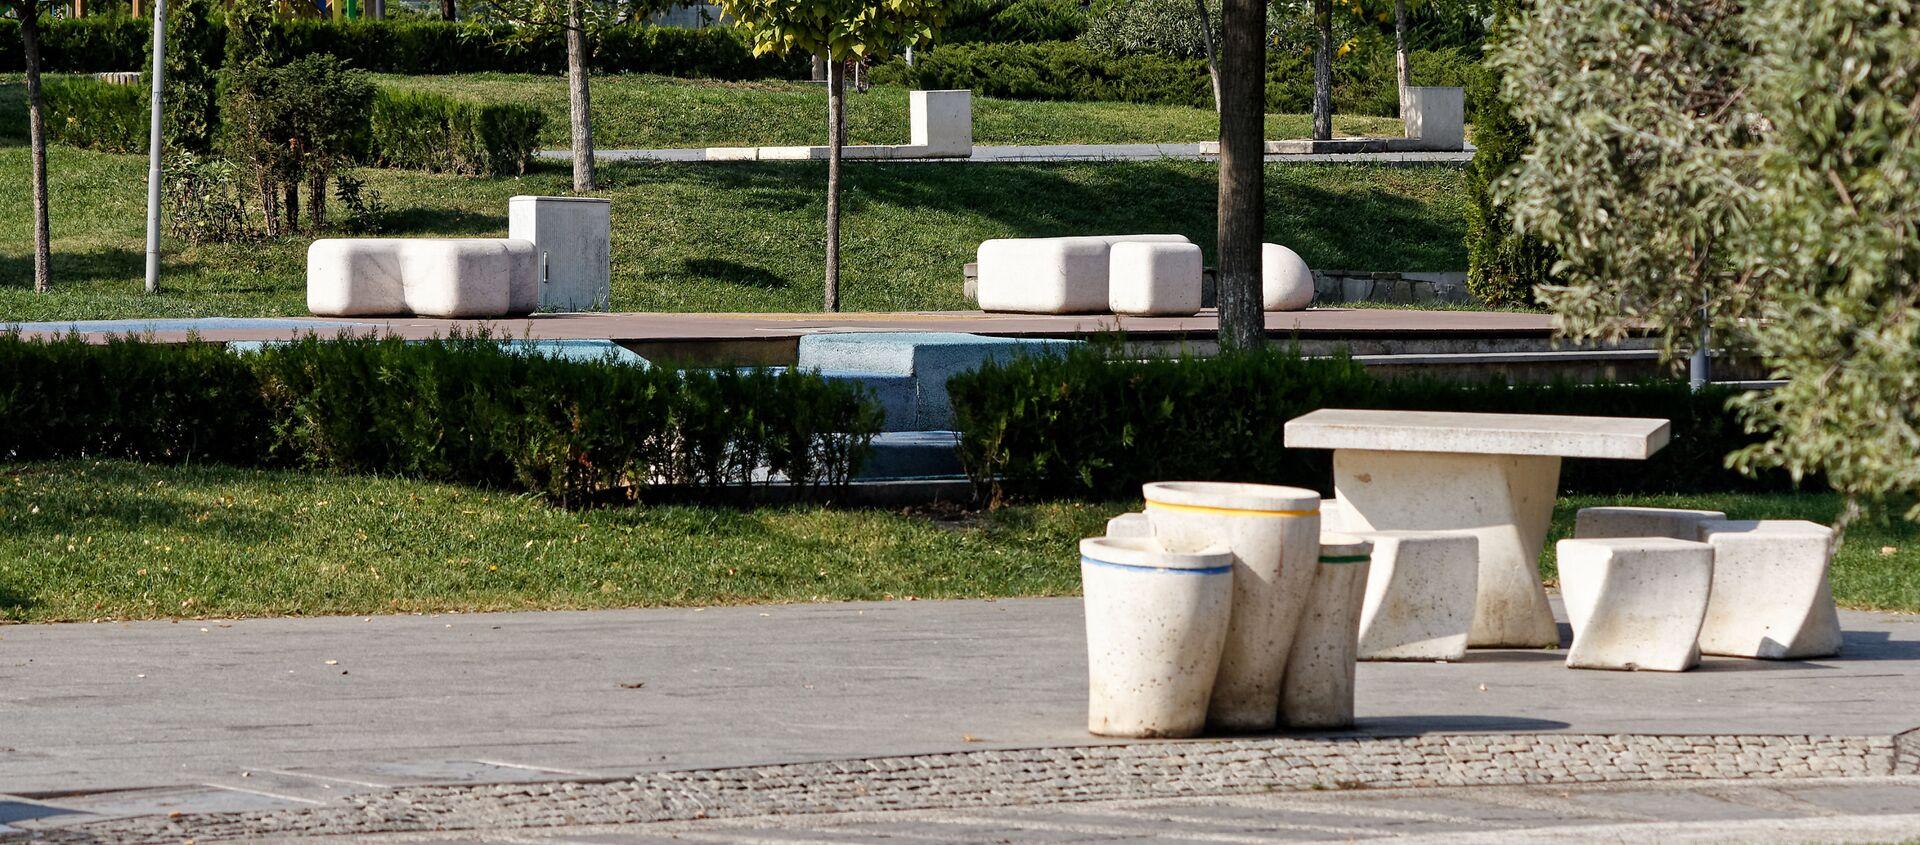 Пустые улицы. Опустевший парк Рике во время эпидемии коронавируса - Sputnik Грузия, 1920, 25.11.2020